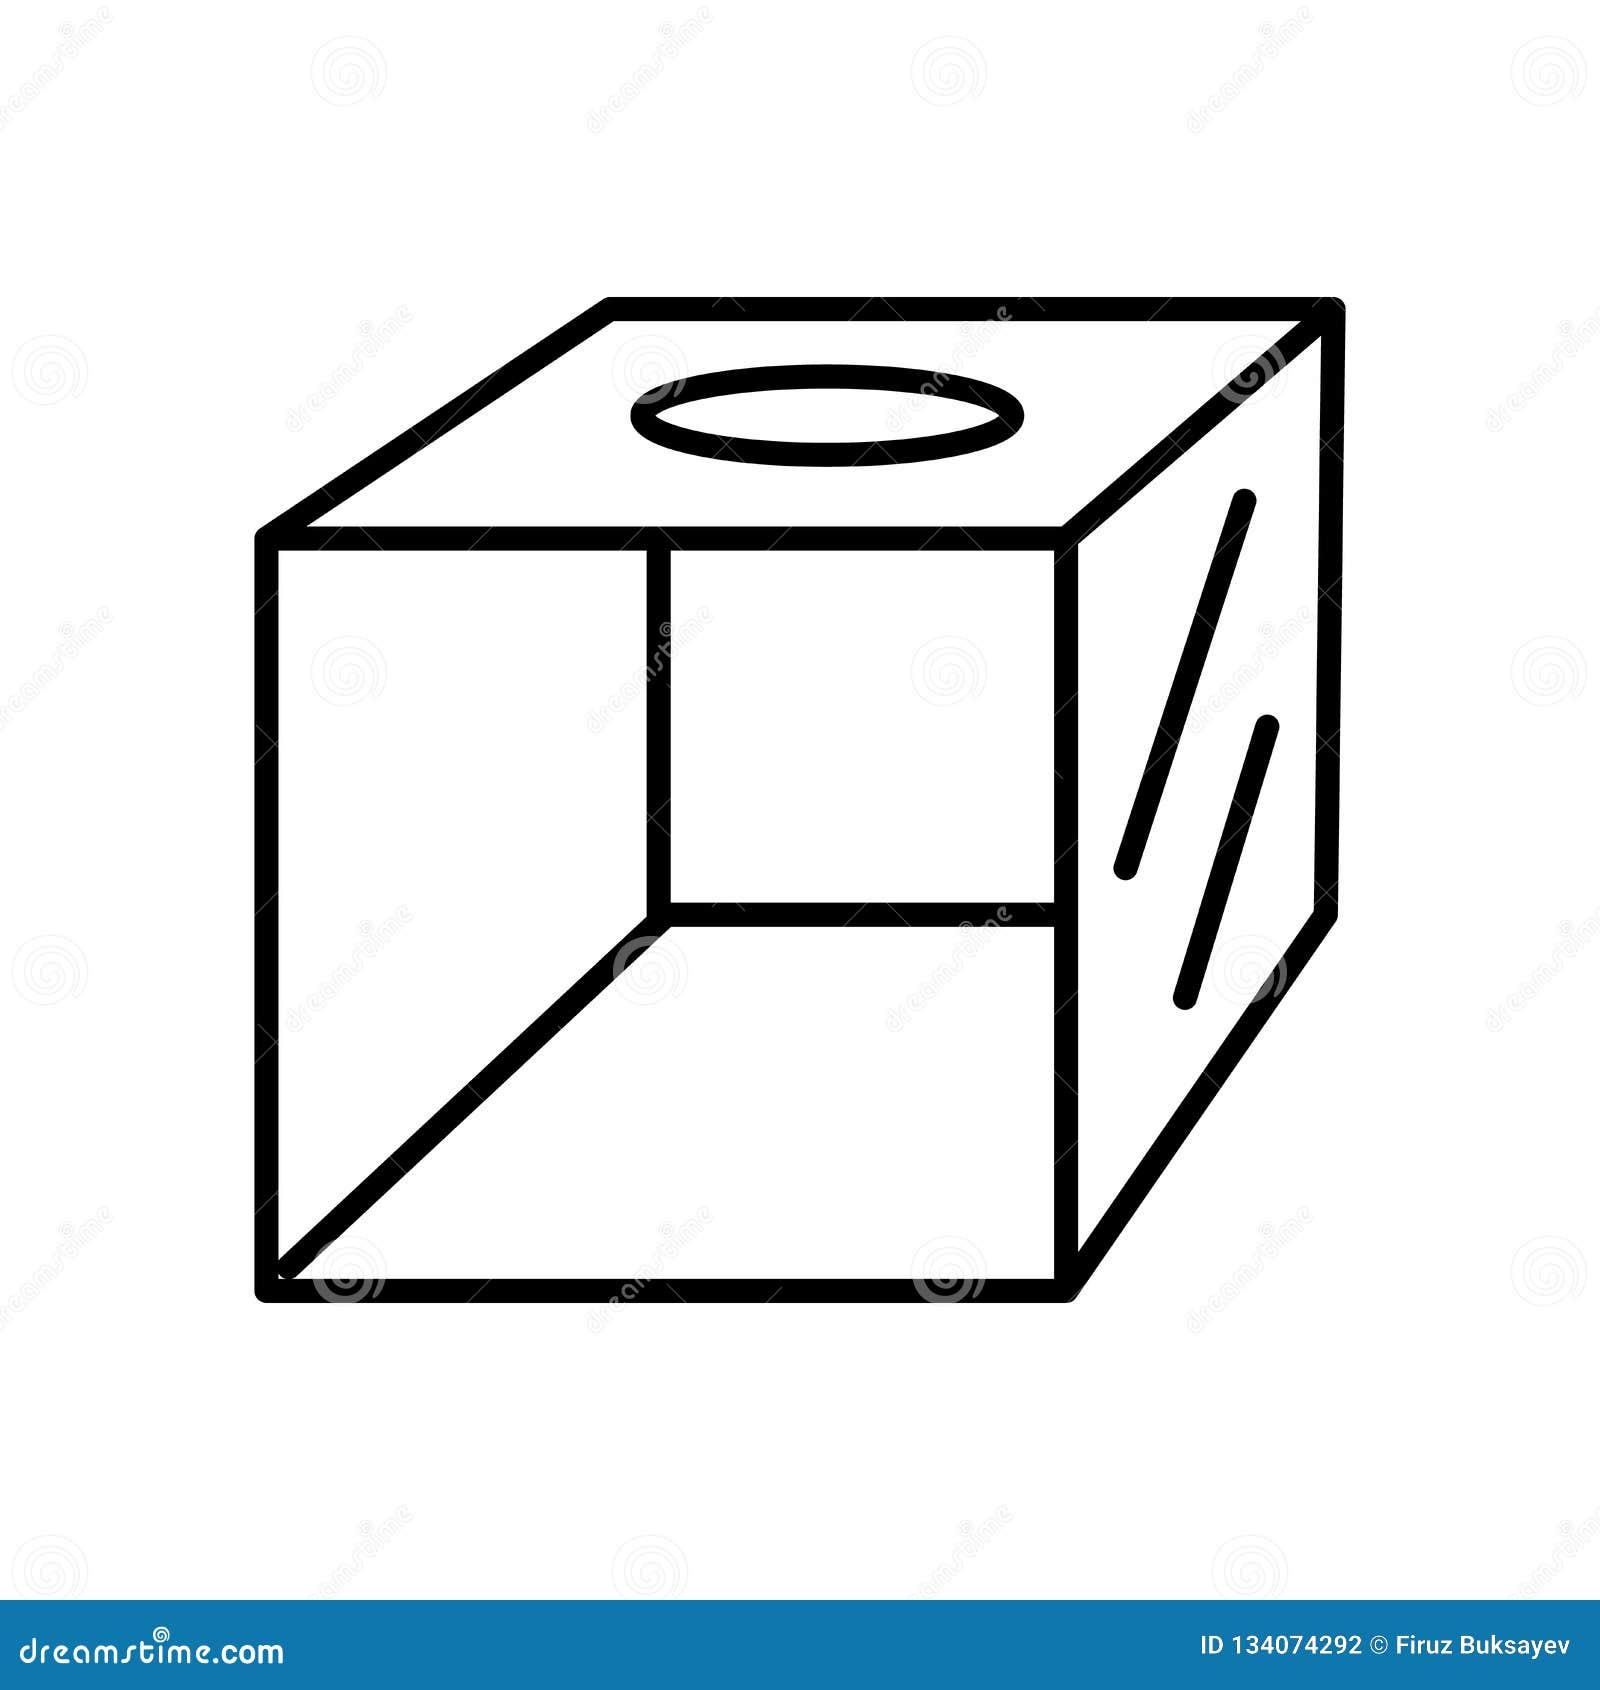 Στερεό διάνυσμα εικονιδίων που απομονώνεται στο άσπρο υπόβαθρο, το στερεό σημάδι, το σημάδι και τα σύμβολα στο λεπτό γραμμικό ύφο